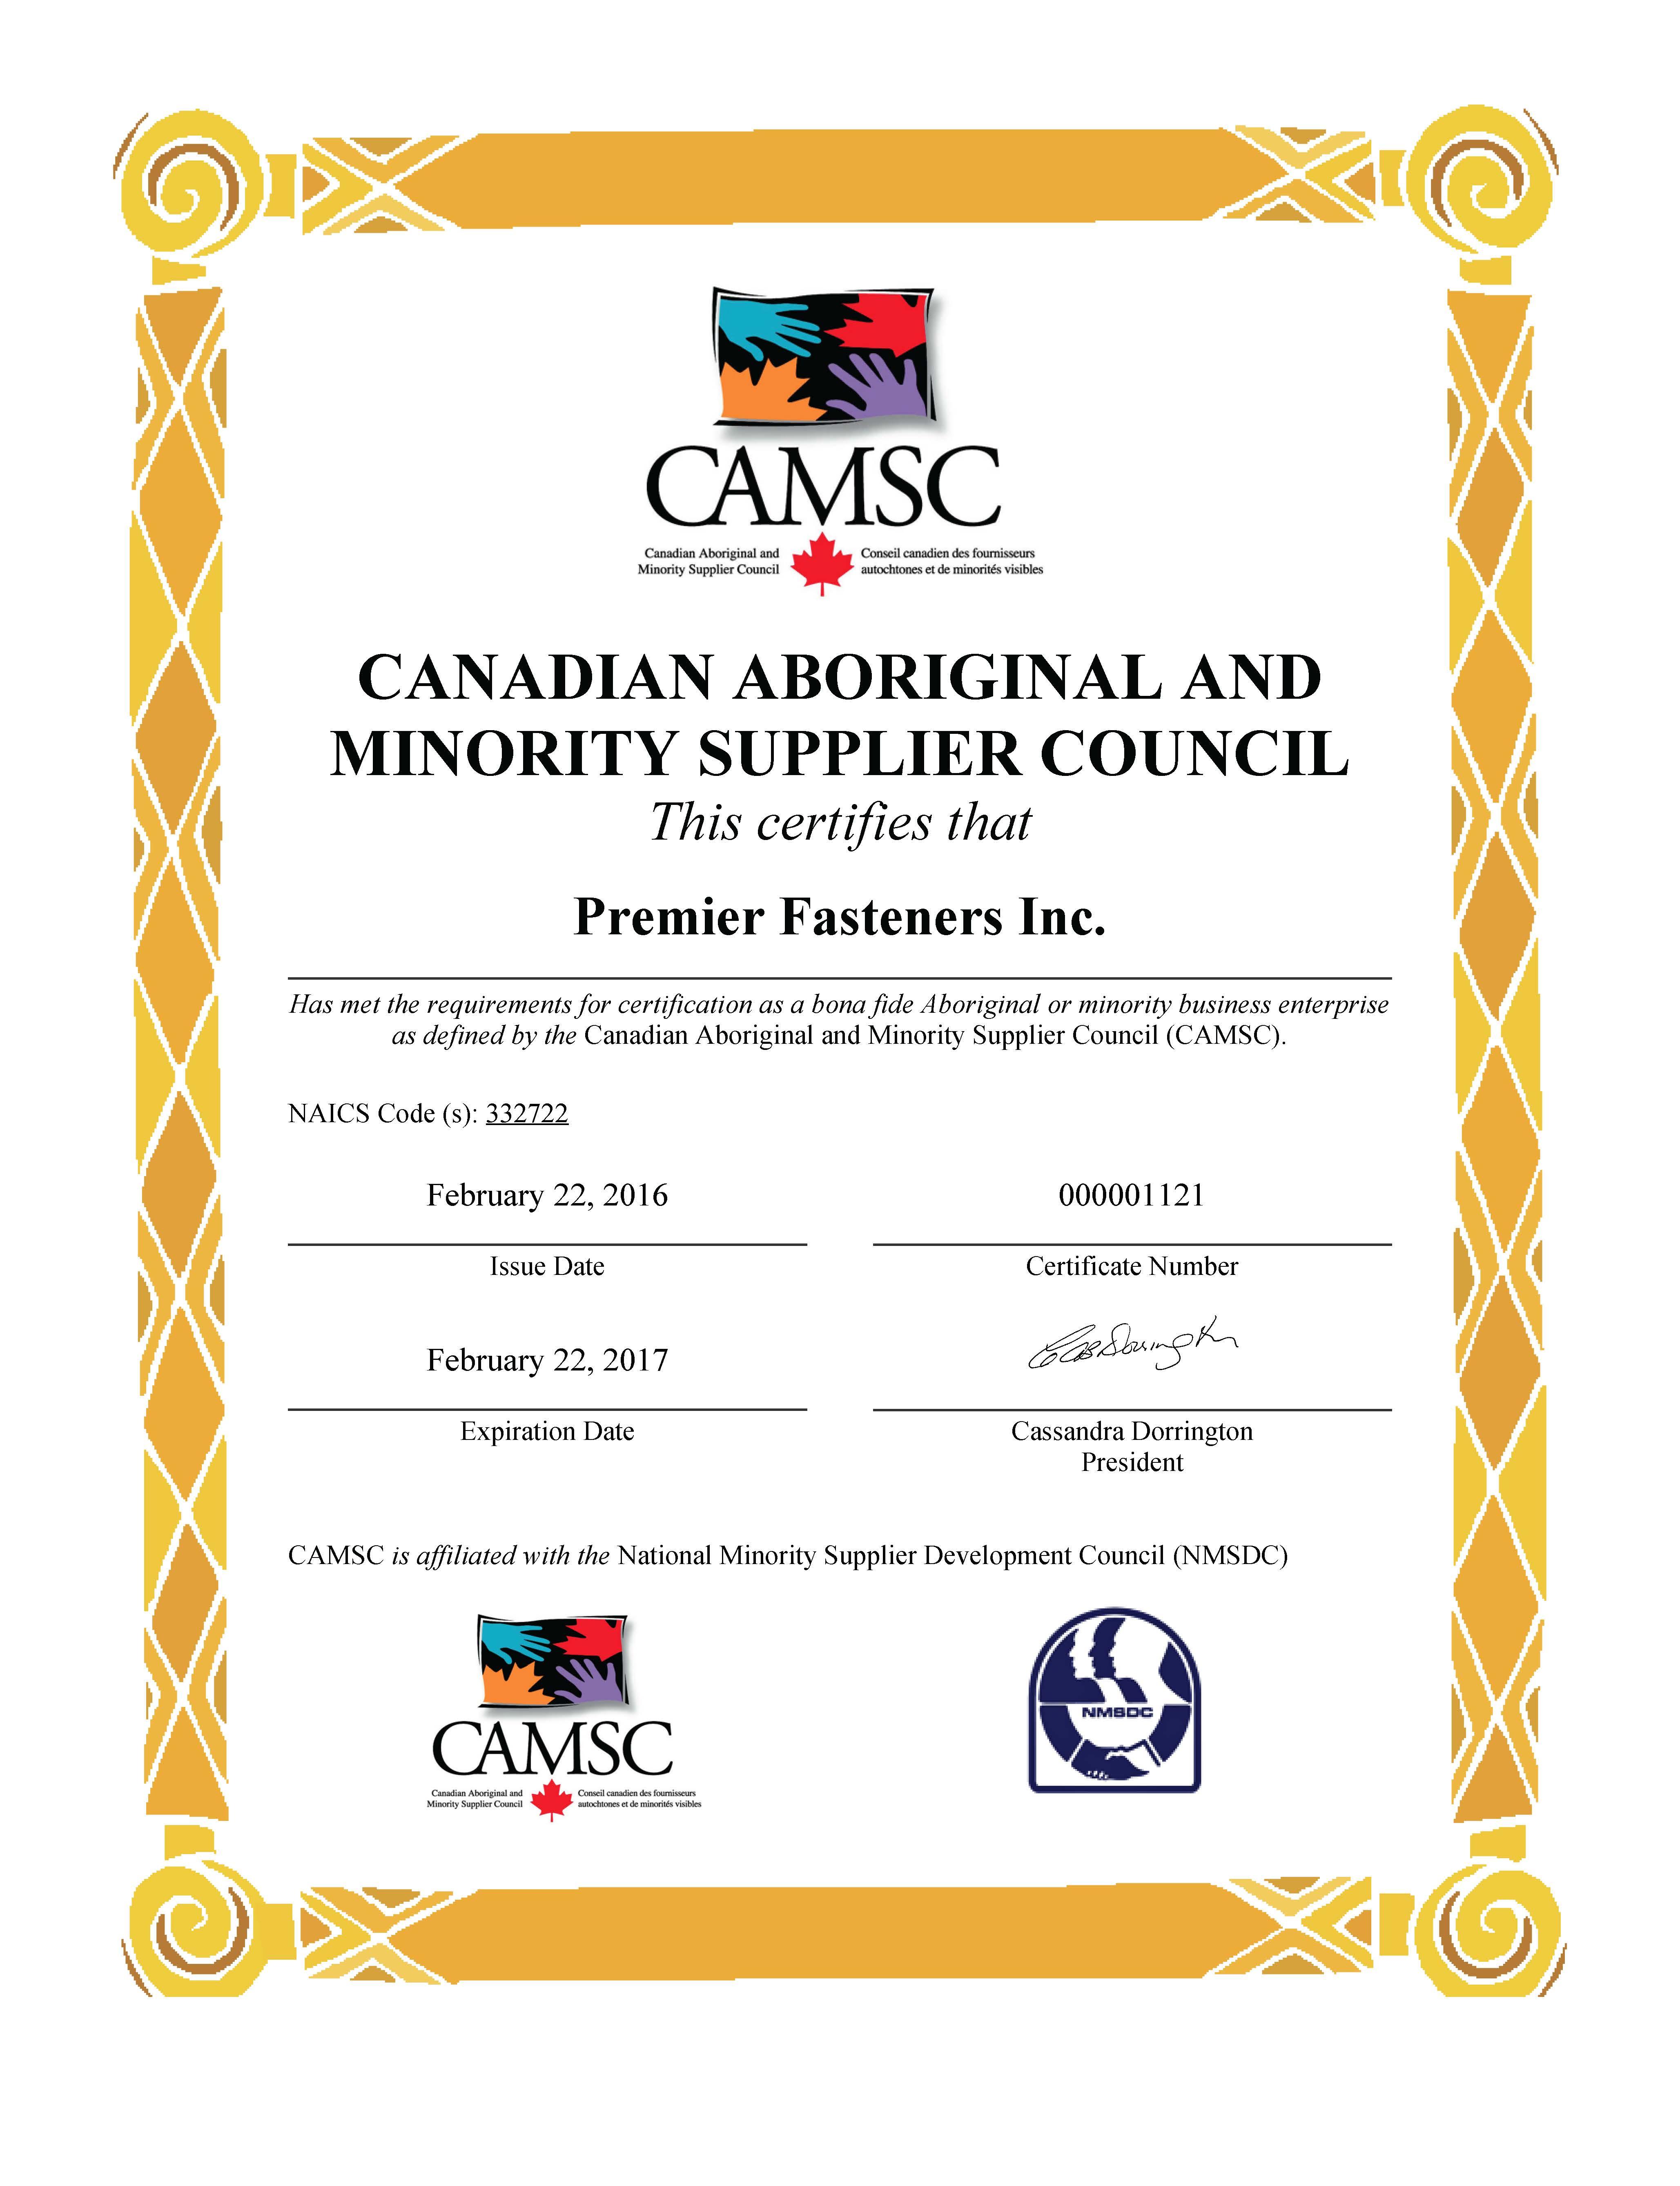 CAMSC certificate expires 20170222